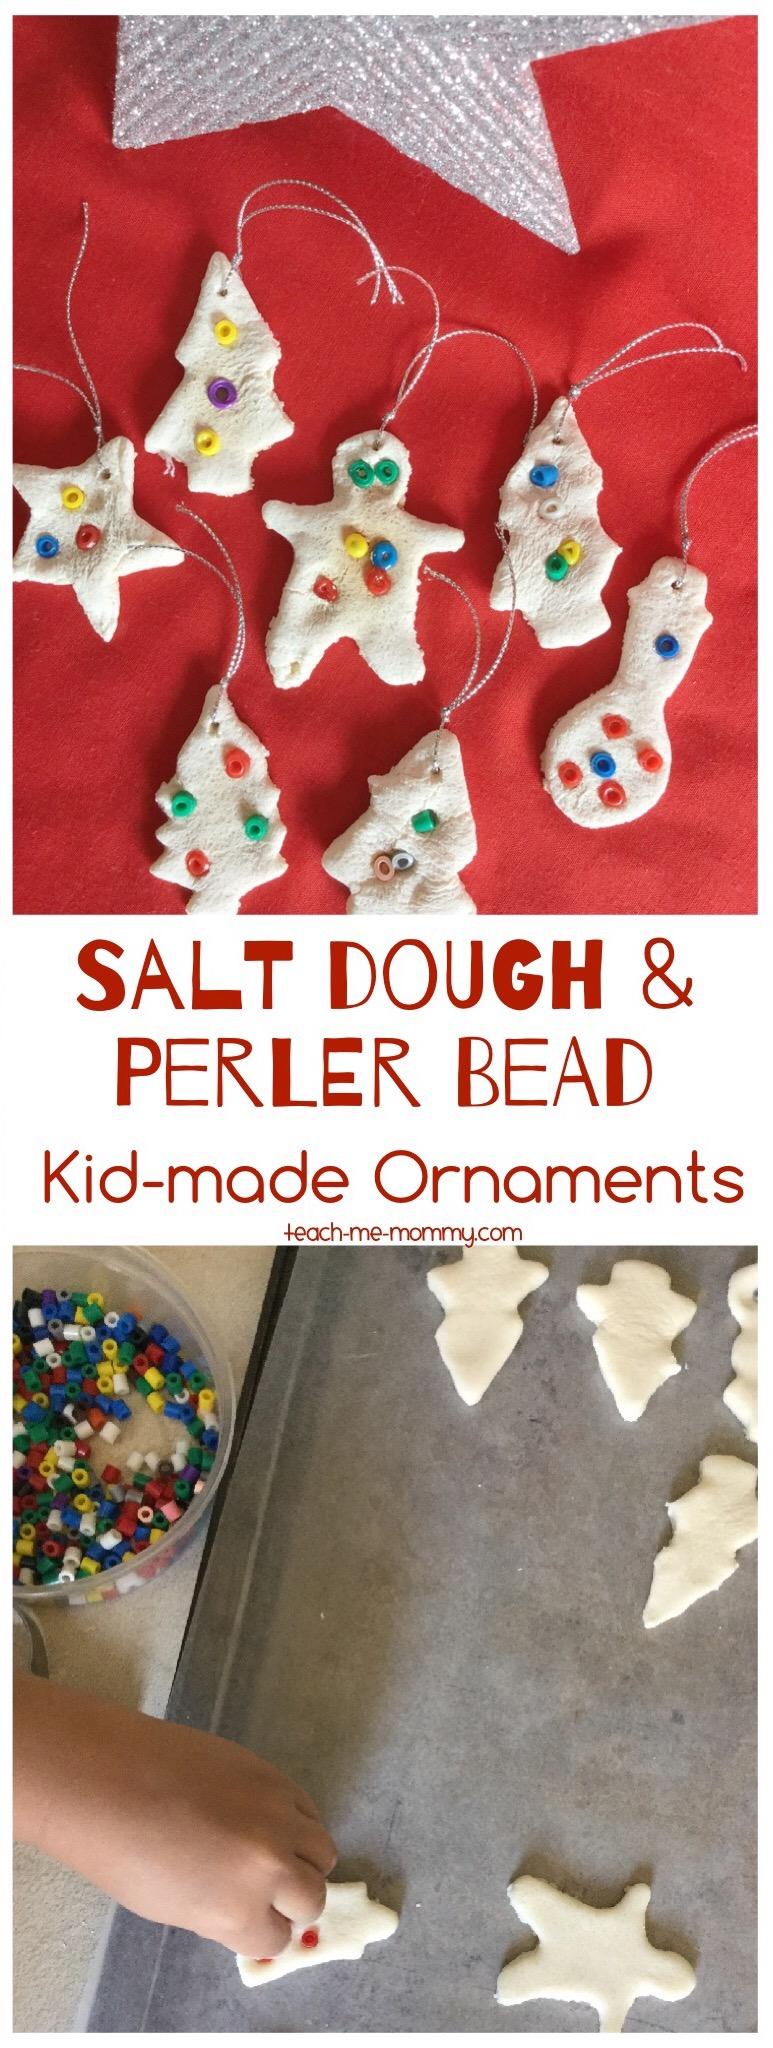 salt dough & perler beads ornaments